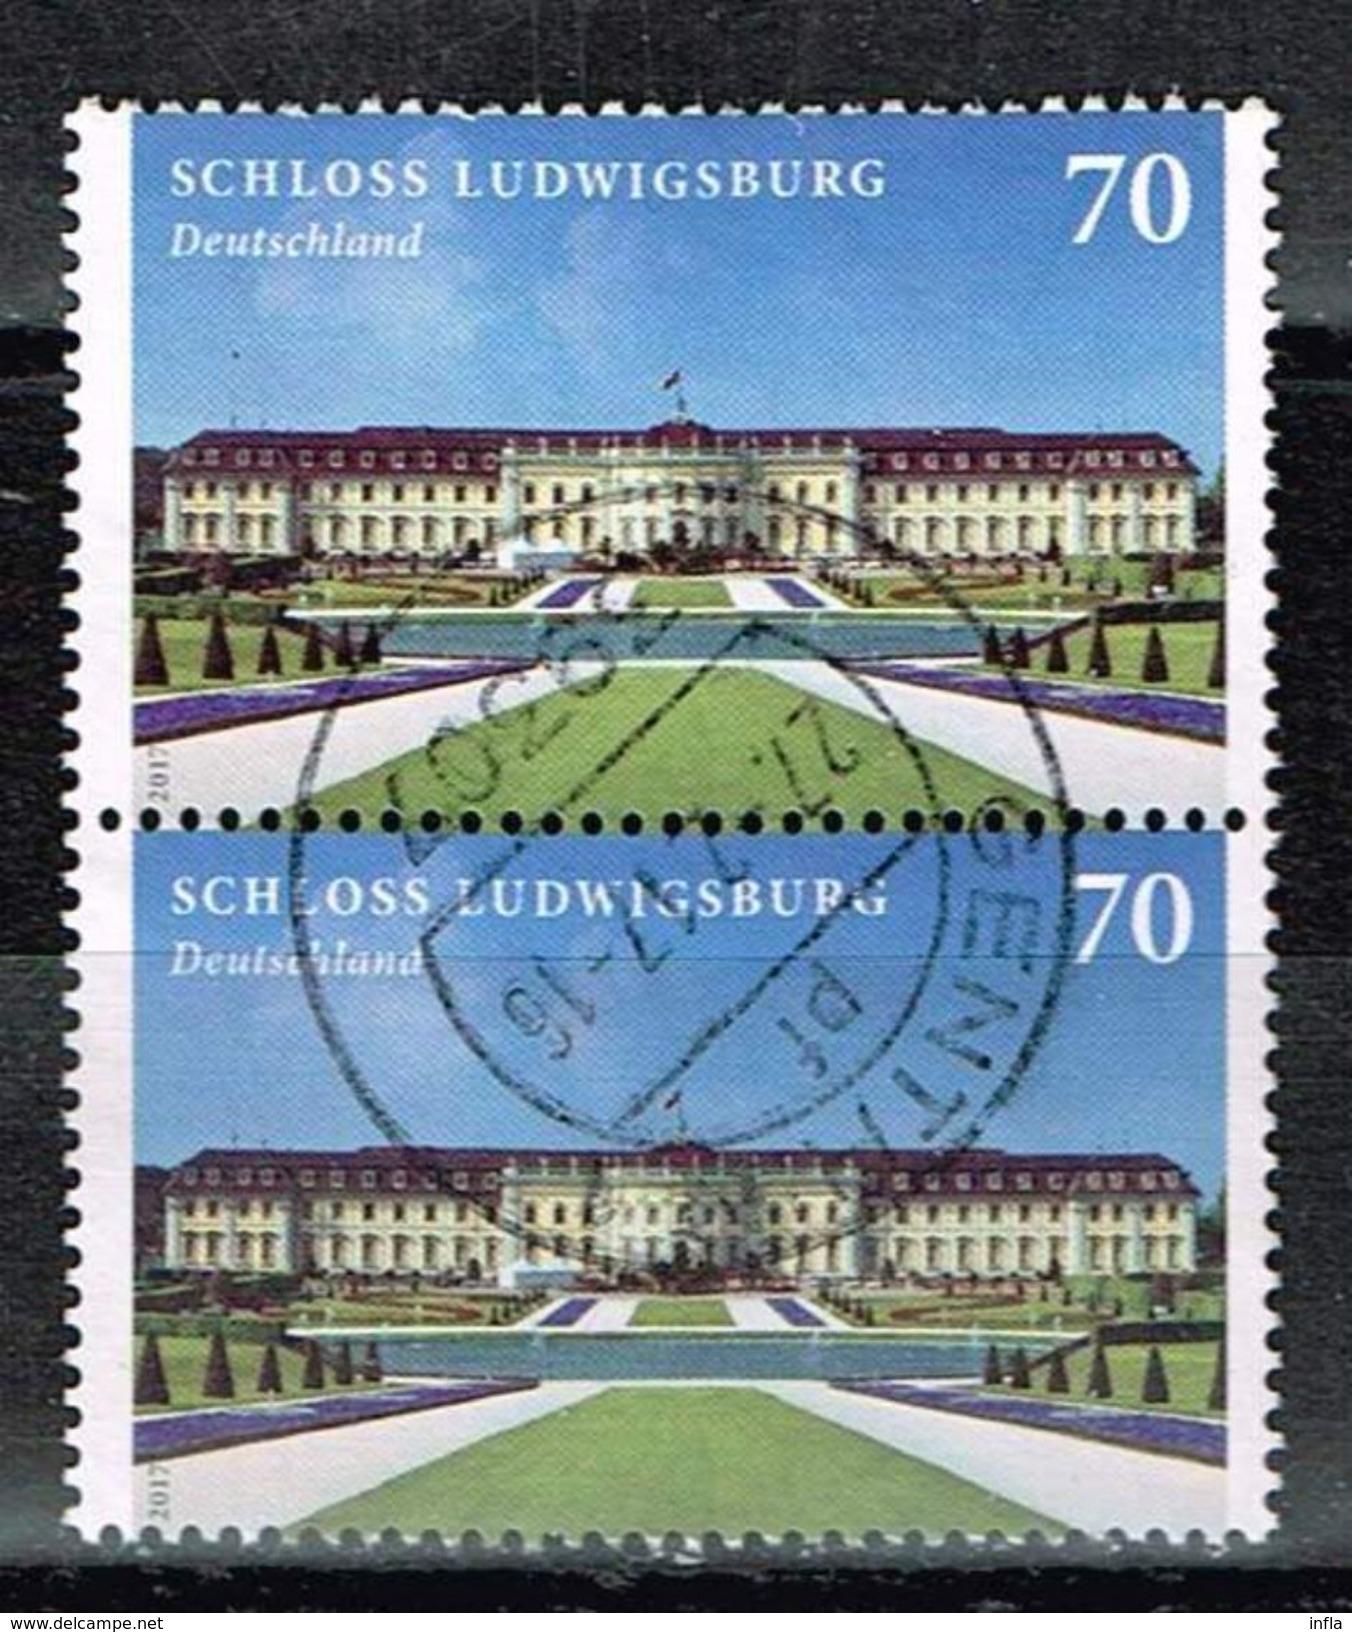 Bund 2017, Michel# 3285 O : Schloß Ludwigsburg - Gebraucht